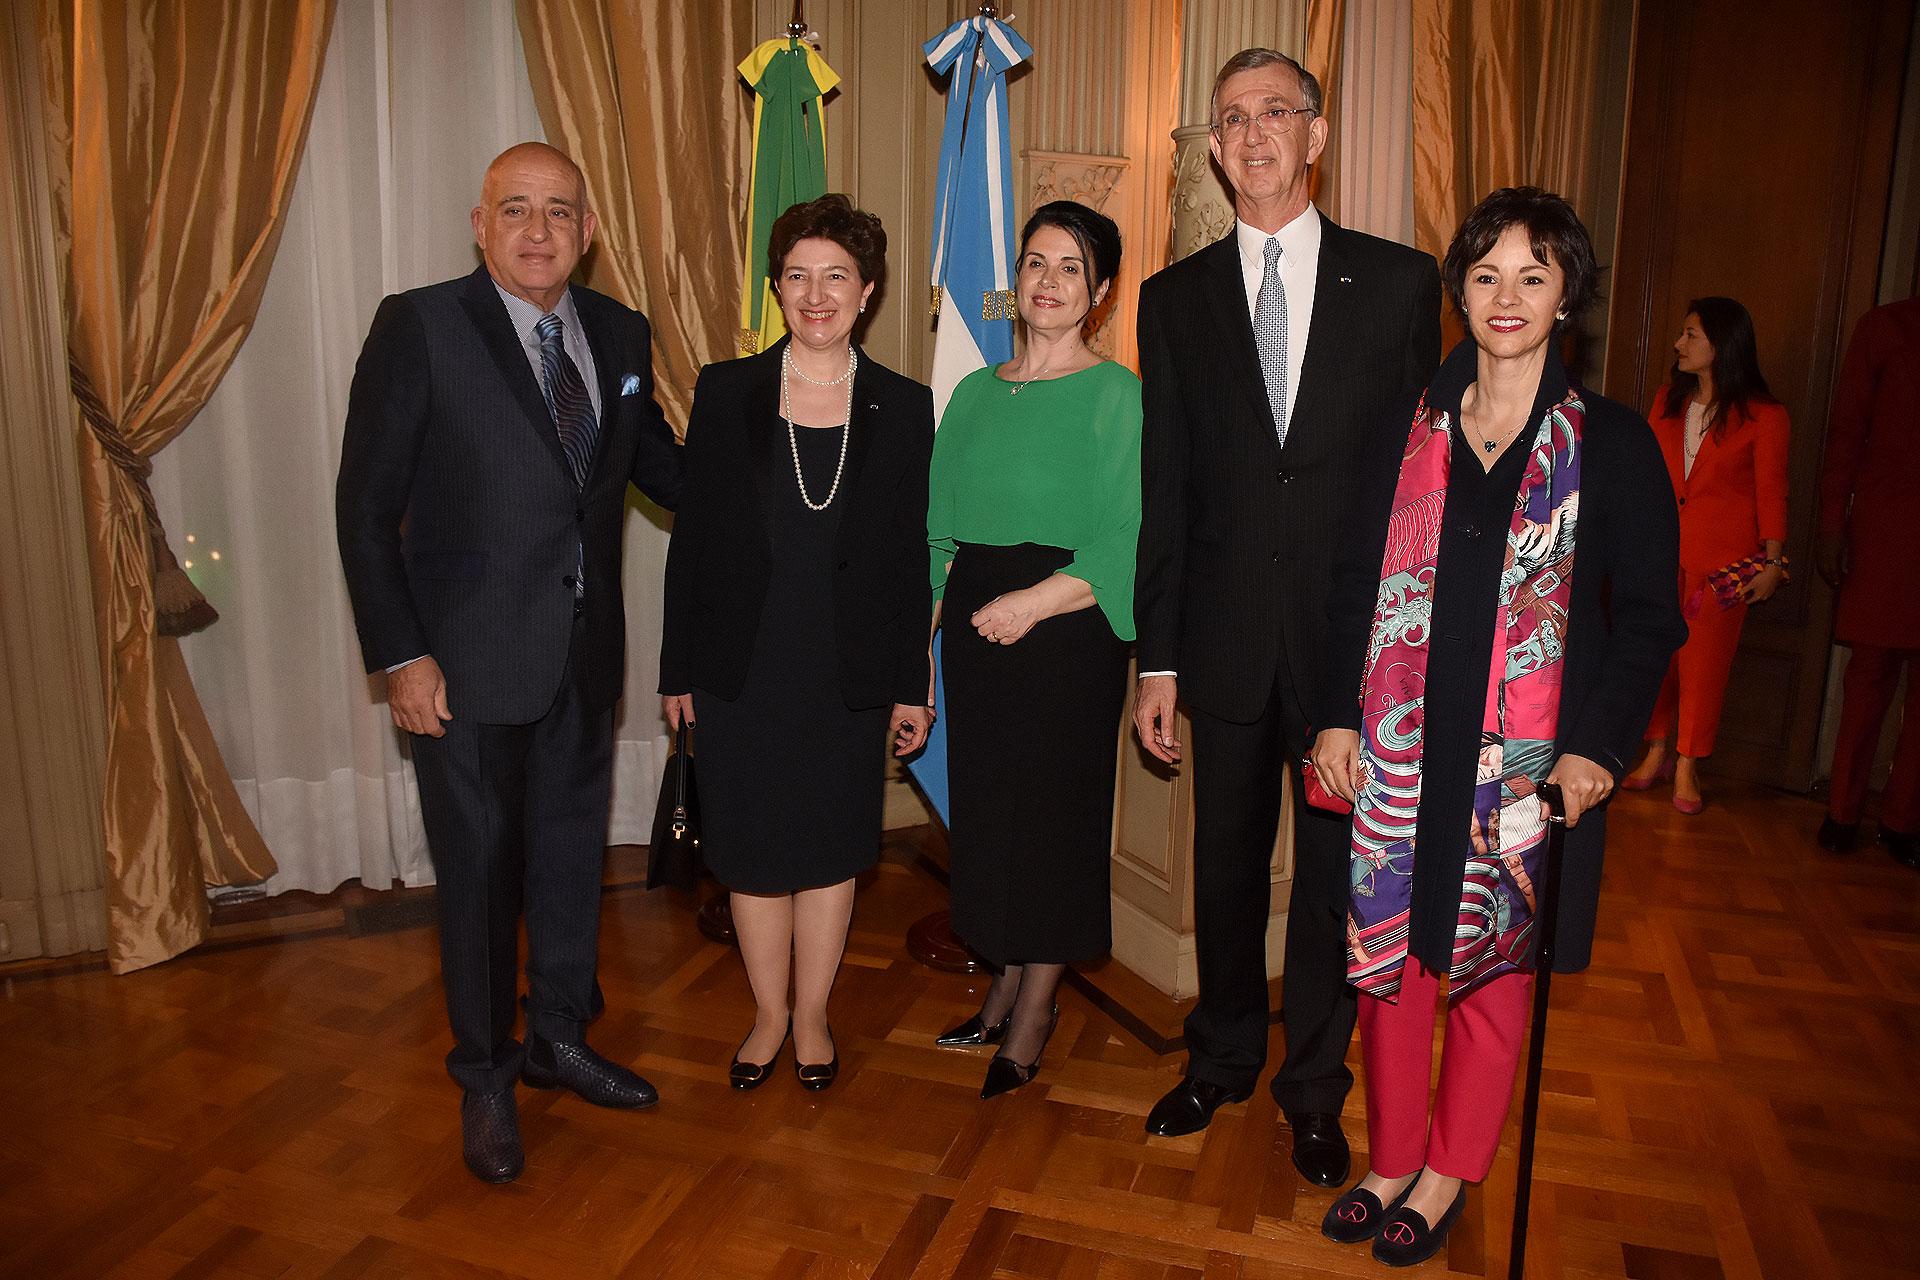 Los embajadores junto a Anibal y Marlise Jozami